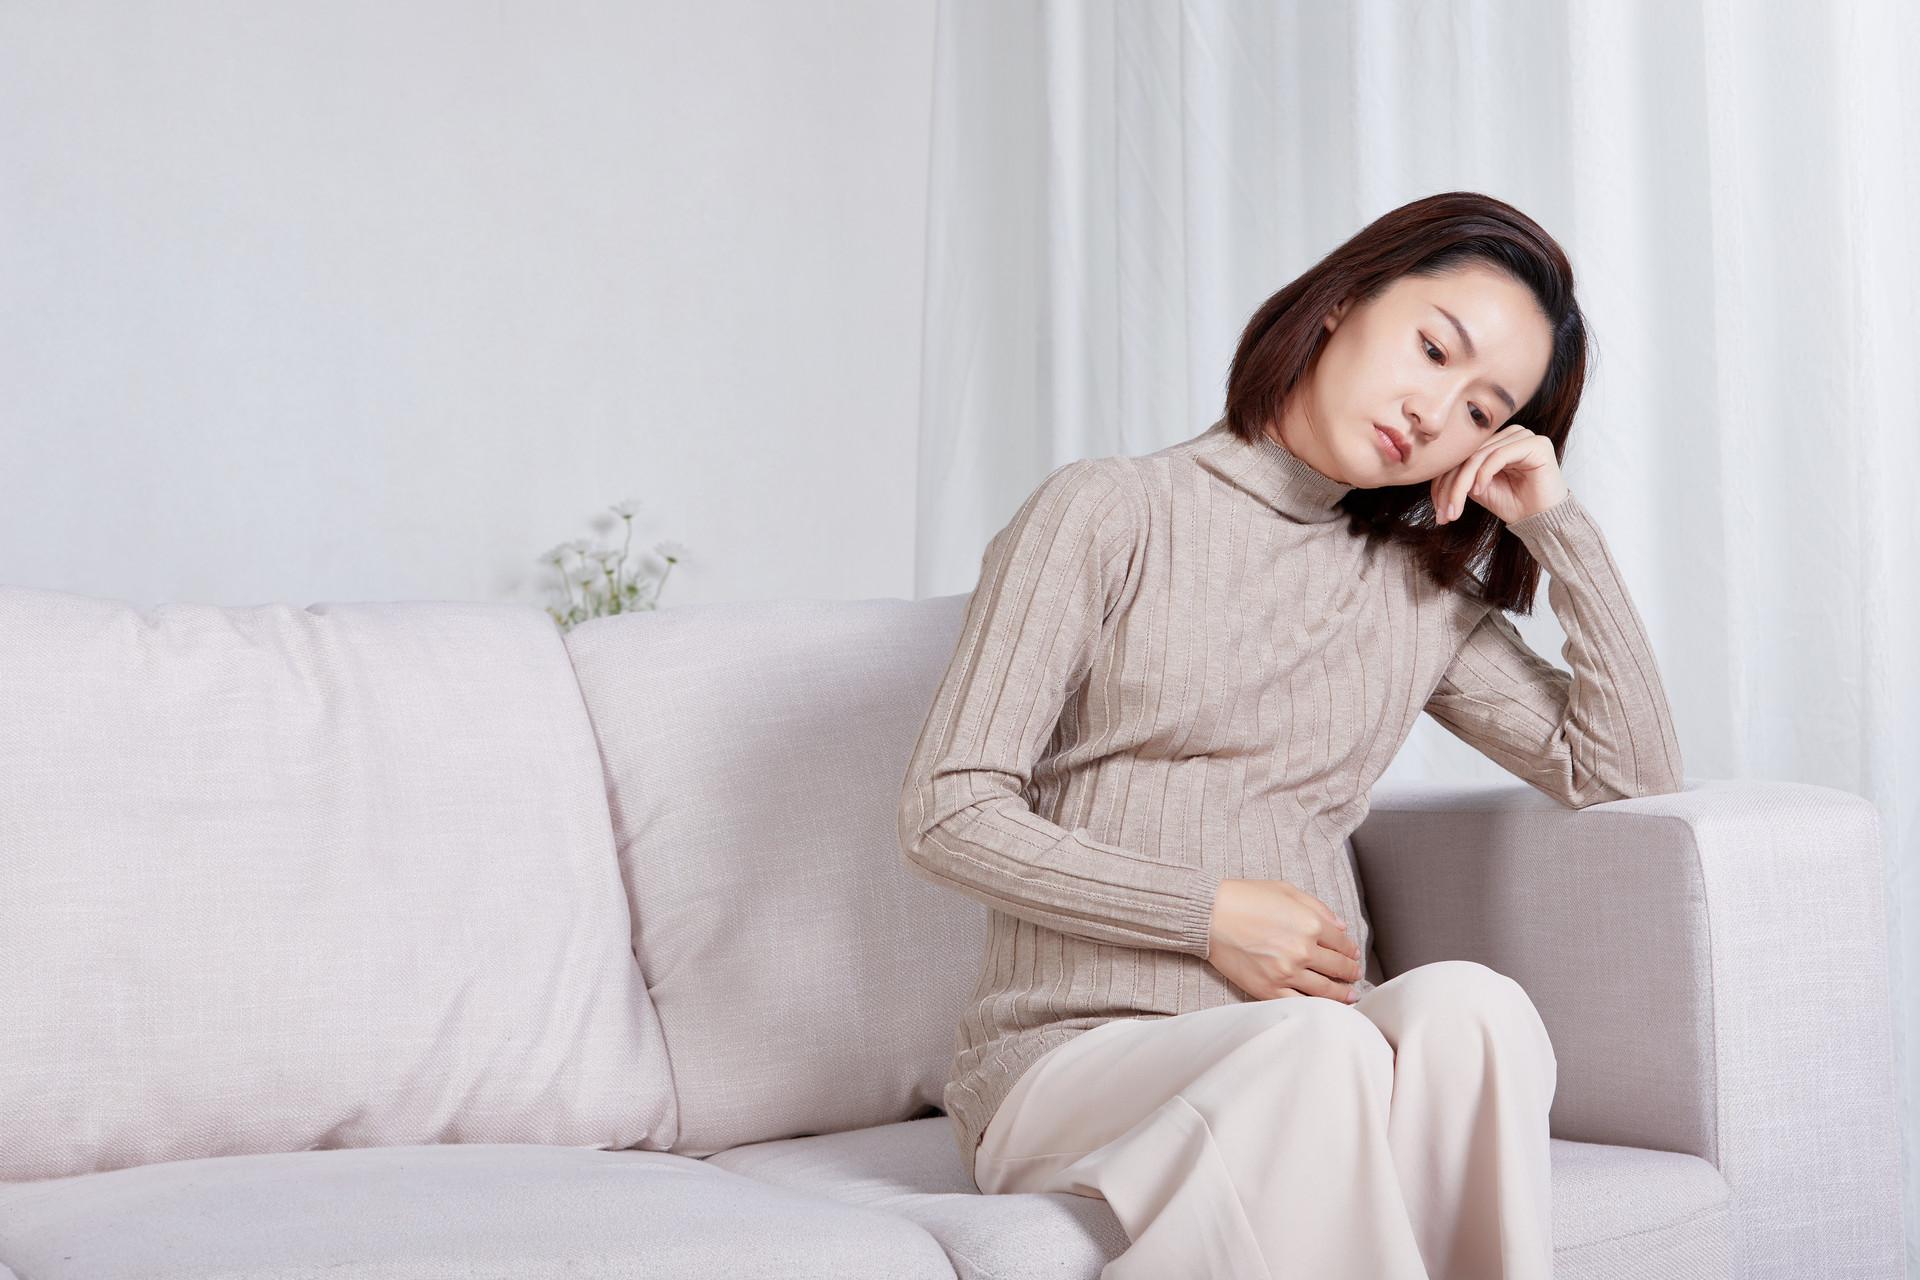 """孕晚期没有这四种现象,恭喜你!已远离""""孕妈病"""",生产会更顺利"""